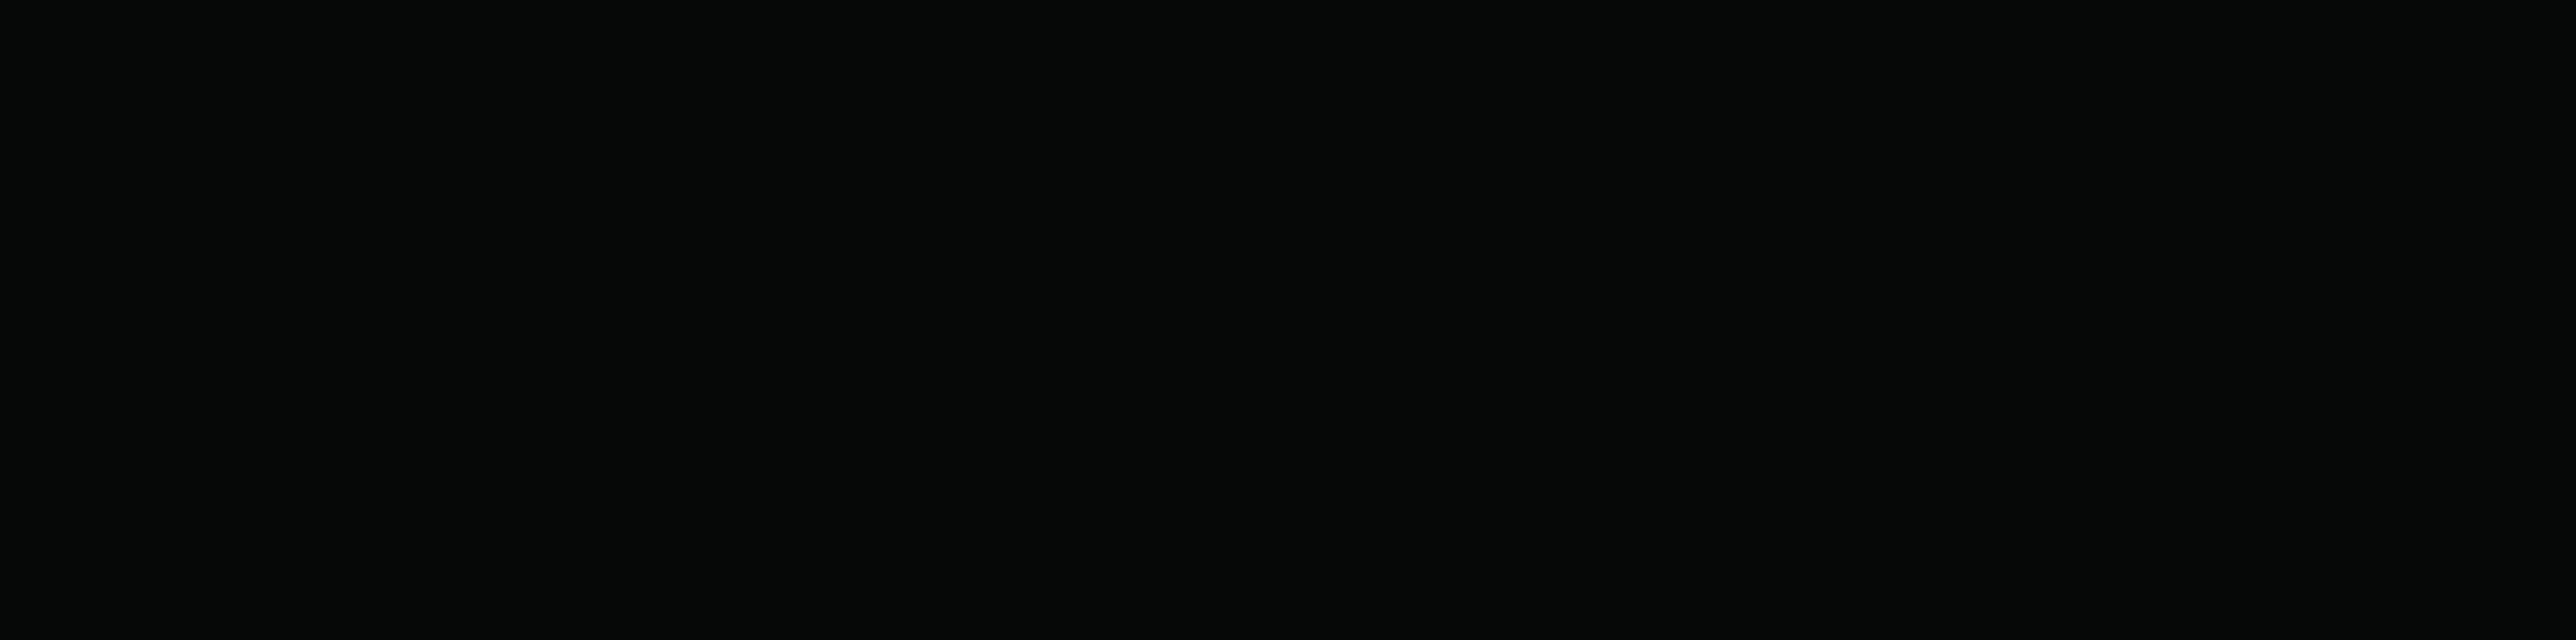 Hermetise logo